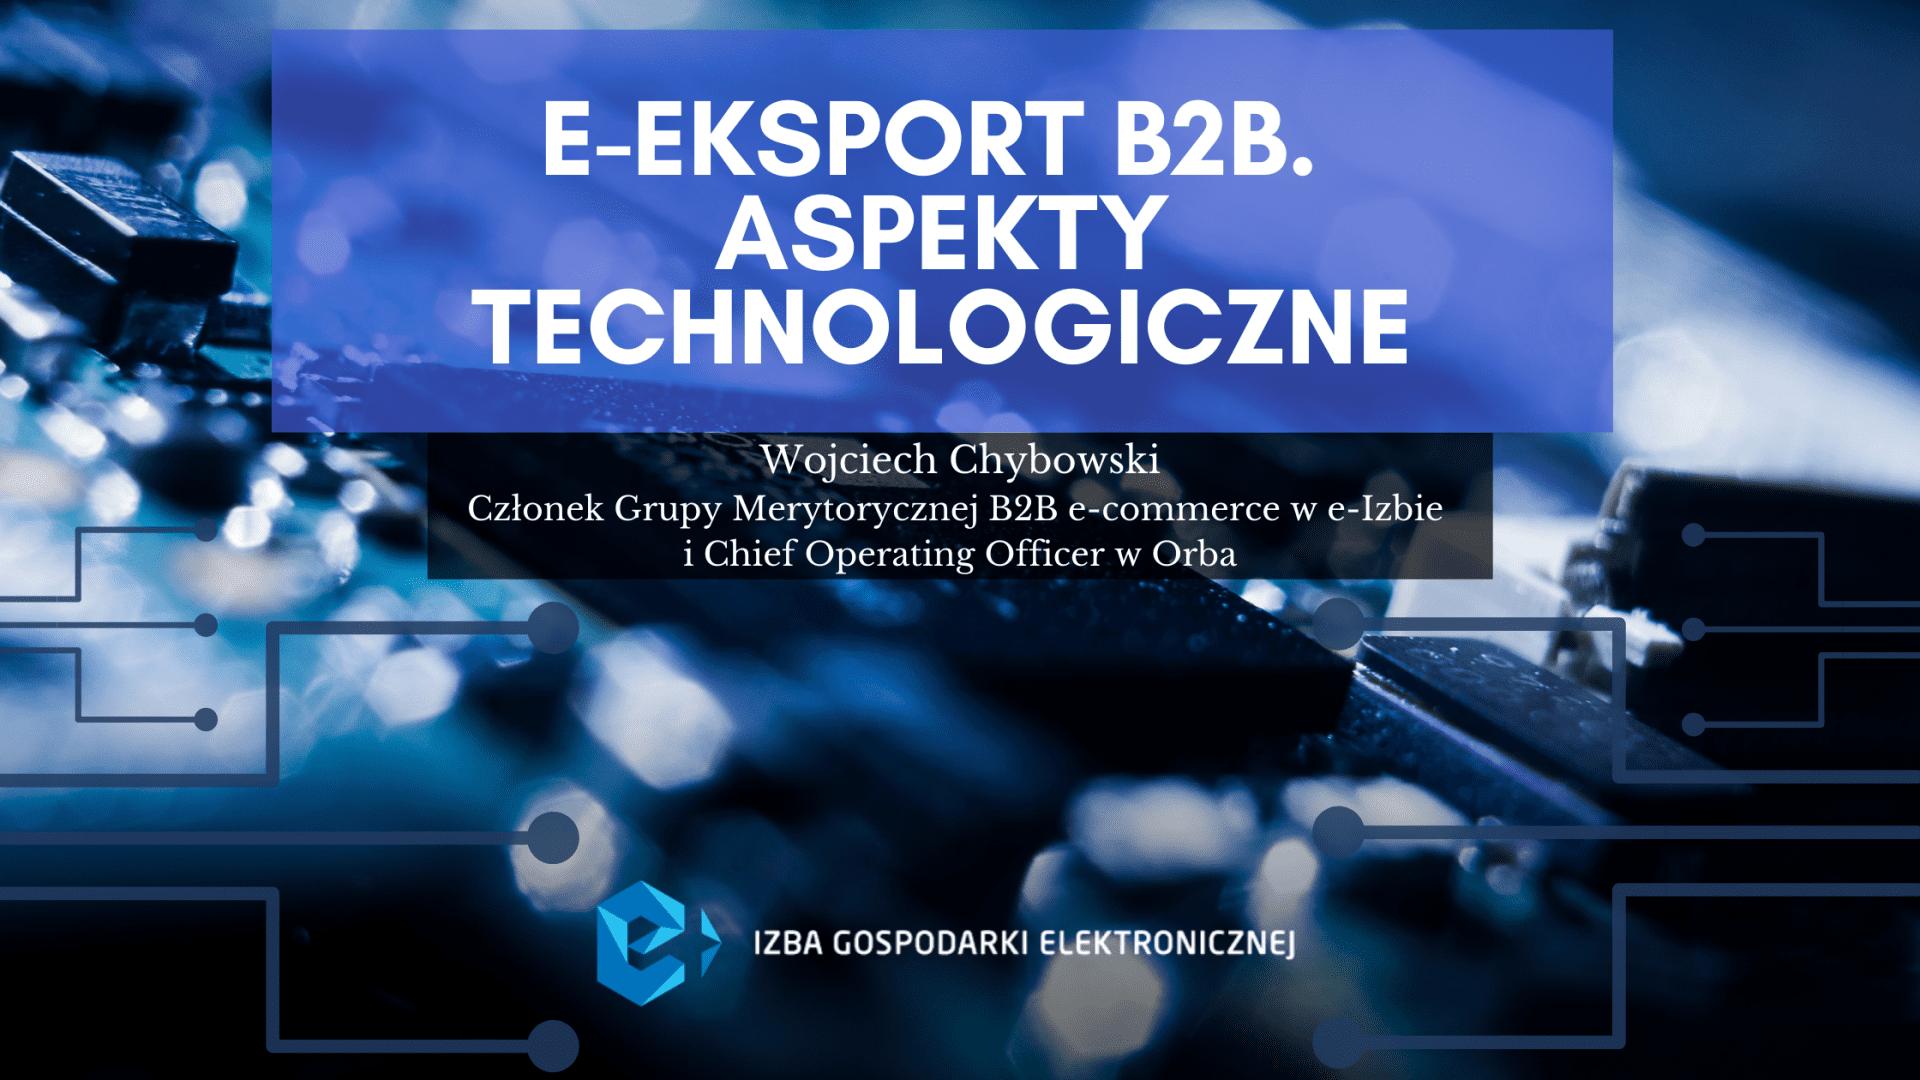 E-eksport B2B. Aspekty funkcjonalne i technologiczne.